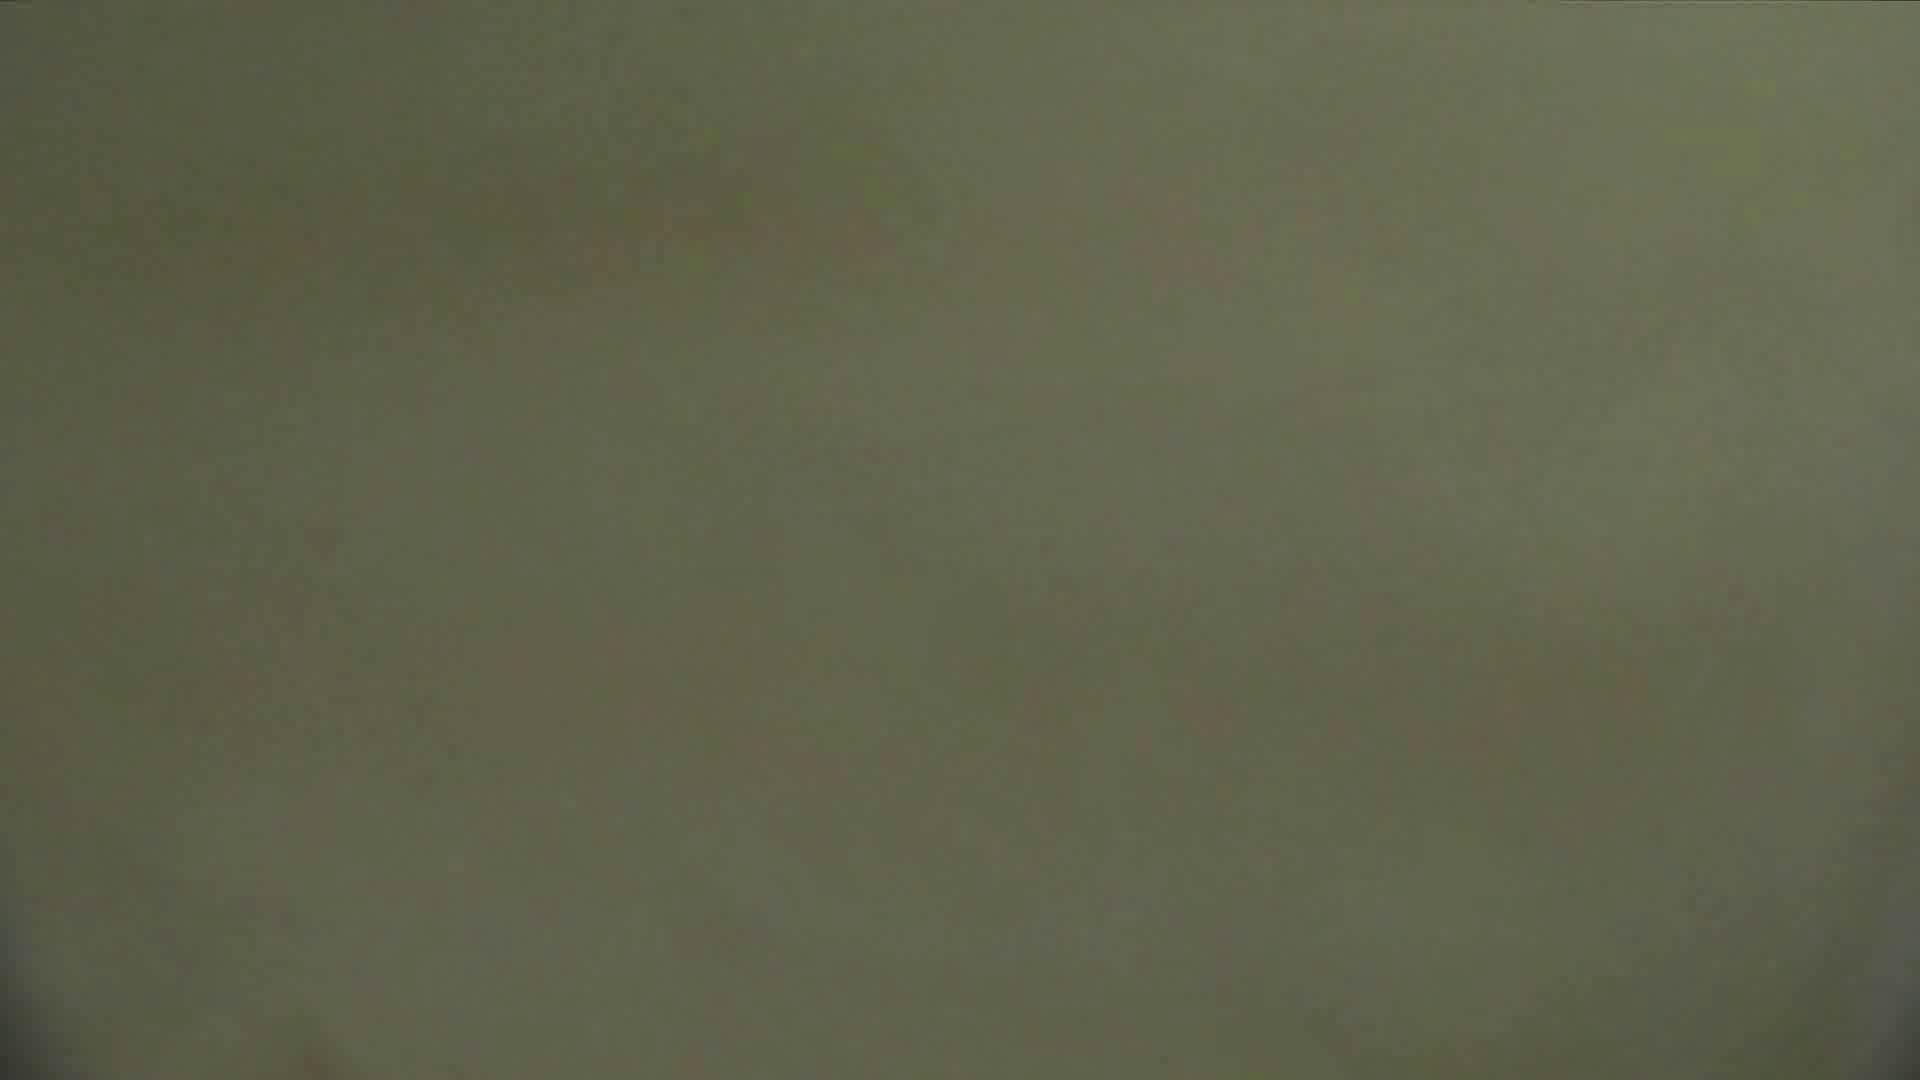 【美しき個室な世界】 vol.022 ヒクヒクさんたち OLの実態  92pic 22